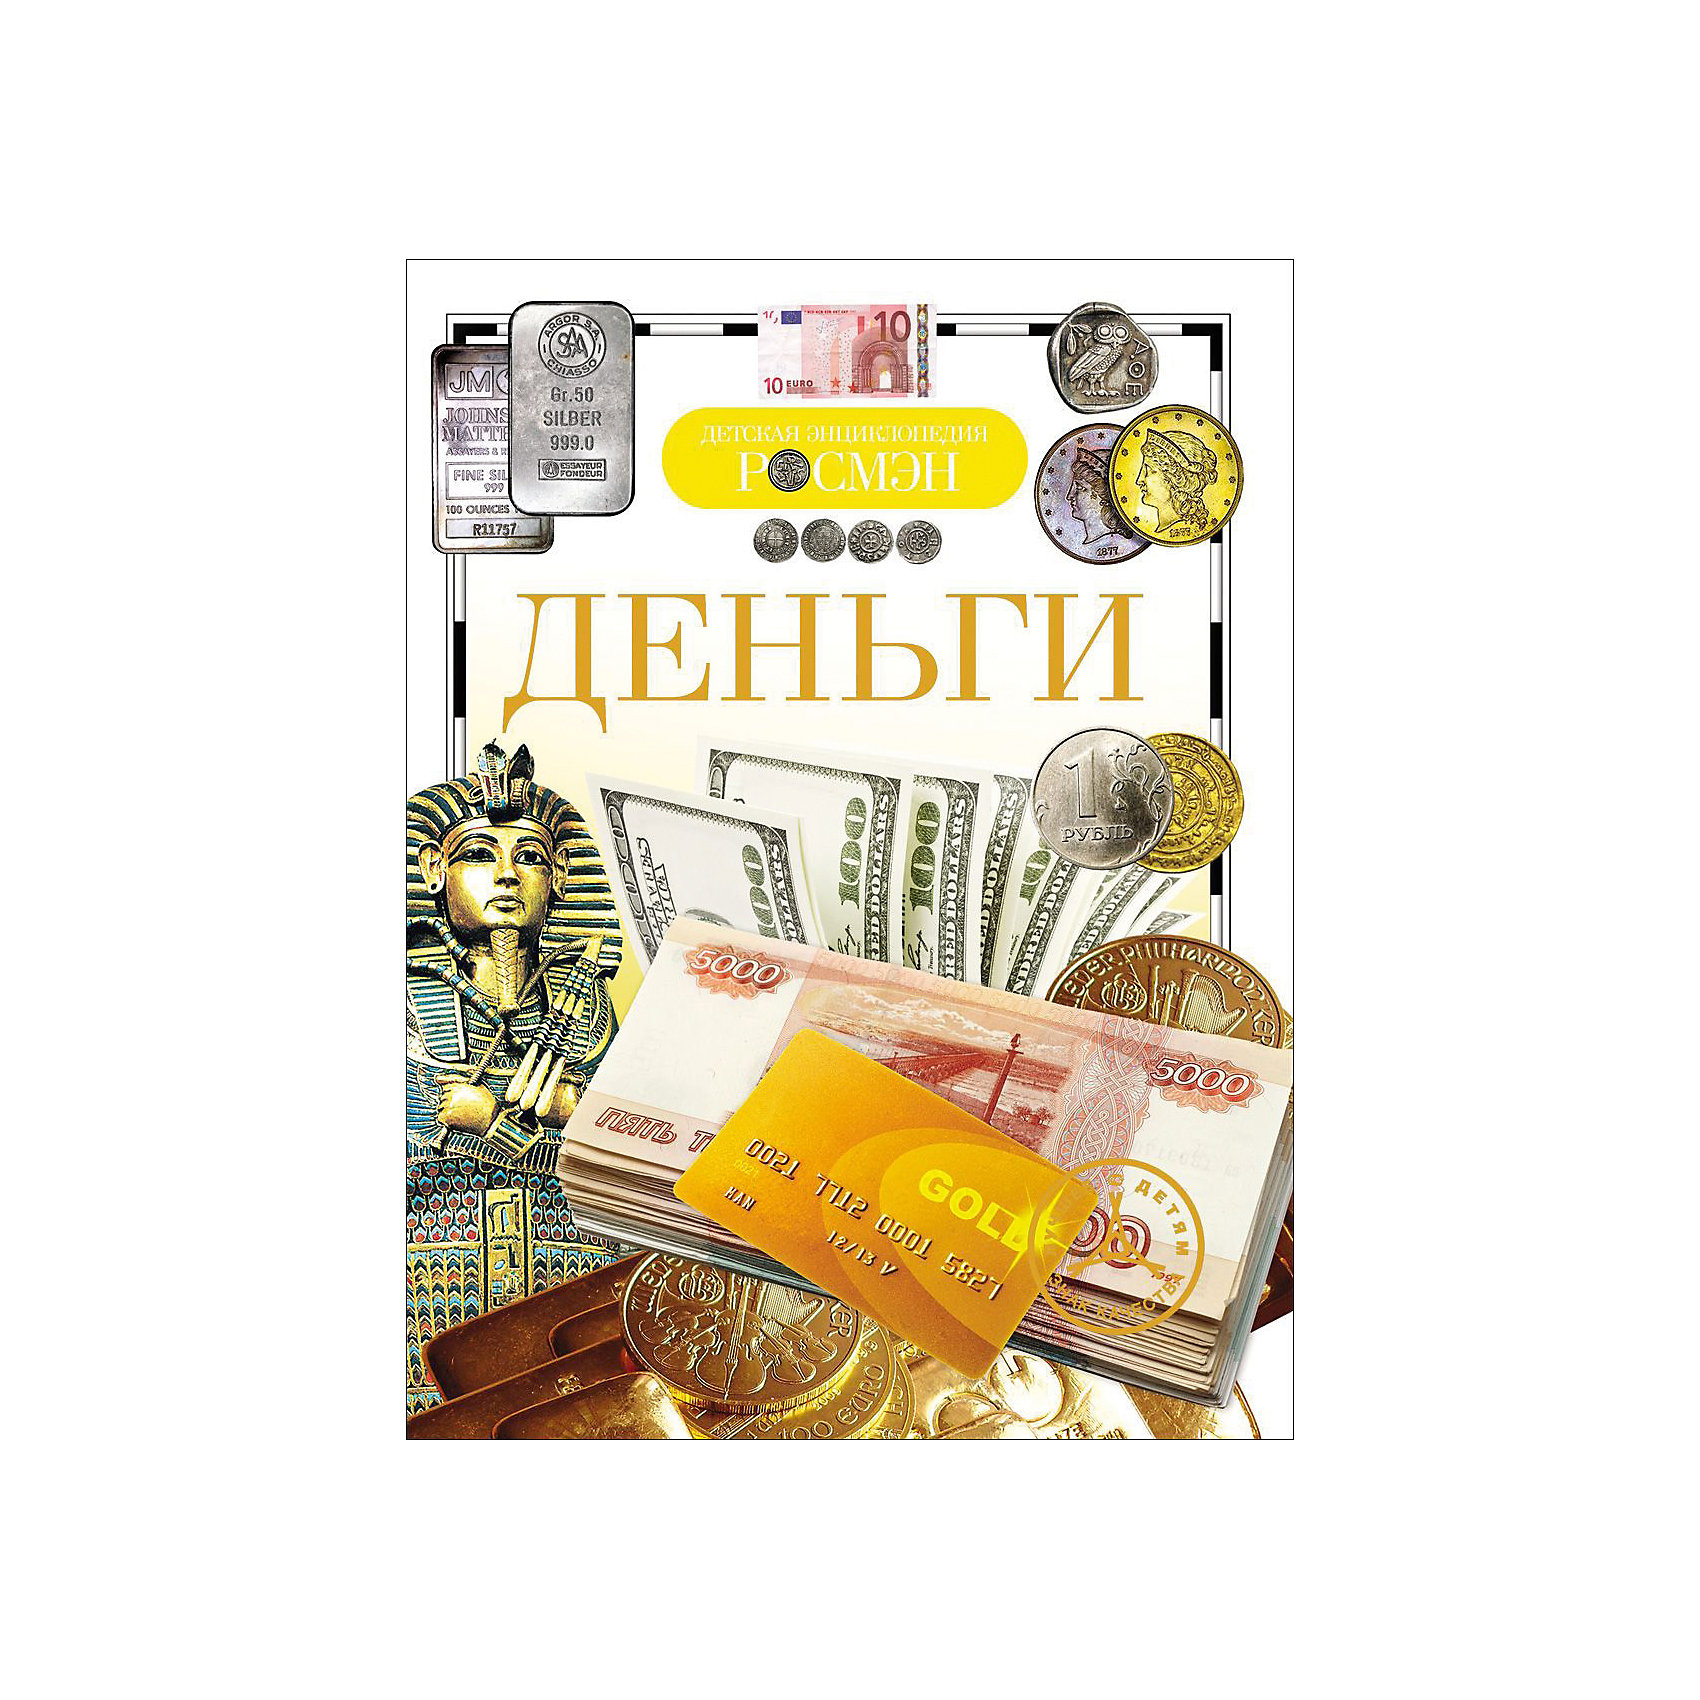 ДеньгиЭнциклопедии<br>Money (Деньги)<br><br>Характеристики:<br><br>• Серия: детская энциклопедия РОСМЭН<br>• Формат: 220x165<br>• Переплет: твердый переплет<br>• Количество страниц: 96<br>• Бумага: целлофанированная или лакированная<br>• Цветные иллюстрации: да<br>• Вес в упаковке: 235 г<br><br>Эта книга – о деньгах: о том, когда, где и для чего они появились. В наши дни, как и в былые времена, деньги в жизни человека играют огромную роль. Для одних людей деньги – это свобода, независимость, для других – власть, высокое положение в обществе, мерило успеха. Однако всегда надо помнить, что деньги – это самый опасный инструмент в руках человека. В деньгах заключено зло и добро одновременно и большое искусство научиться ими пользоваться во благо, а не во зло. Цель энциклопедии – познакомить читателя с многовековой историей денег.<br><br>Книгу «Деньги» можно купить в нашем интернет-магазине.<br><br>Ширина мм: 220<br>Глубина мм: 165<br>Высота мм: 10<br>Вес г: 235<br>Возраст от месяцев: 84<br>Возраст до месяцев: 108<br>Пол: Унисекс<br>Возраст: Детский<br>SKU: 5109725